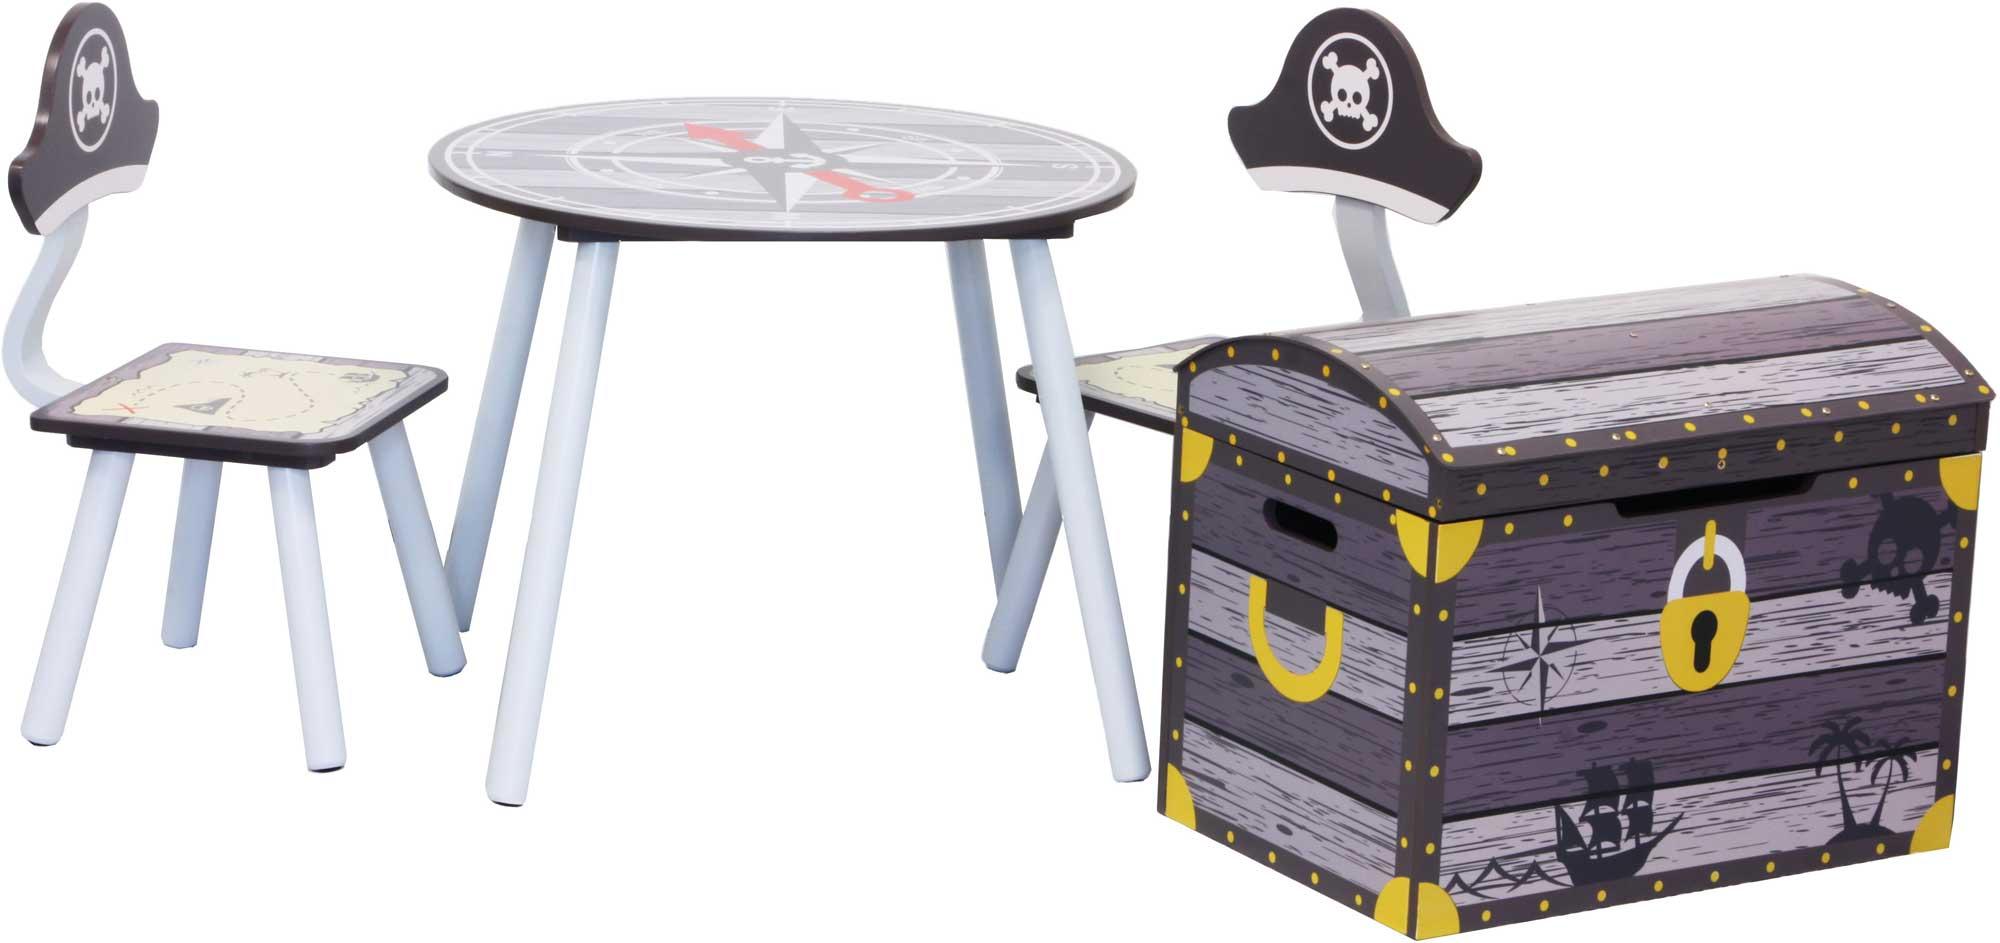 kinderm bel kinder sitzgruppe sitzecke spielecke. Black Bedroom Furniture Sets. Home Design Ideas